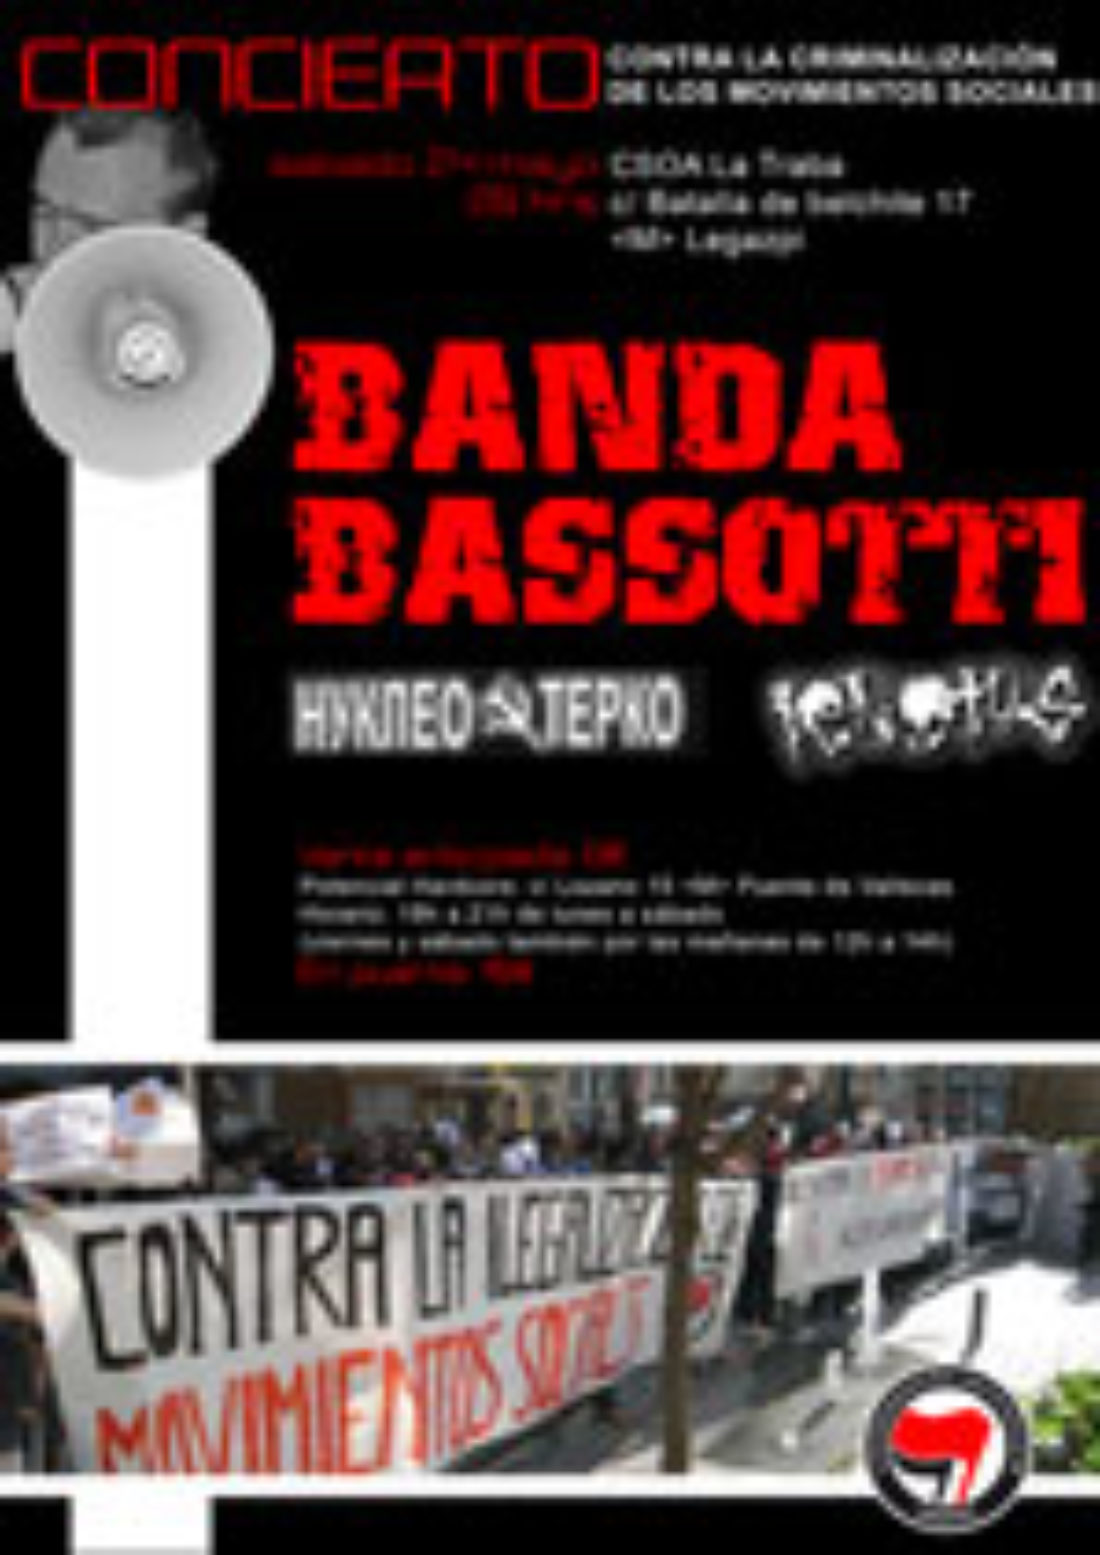 Concierto de Banda Bassotti contra la criminalización de los Movimientos Sociales